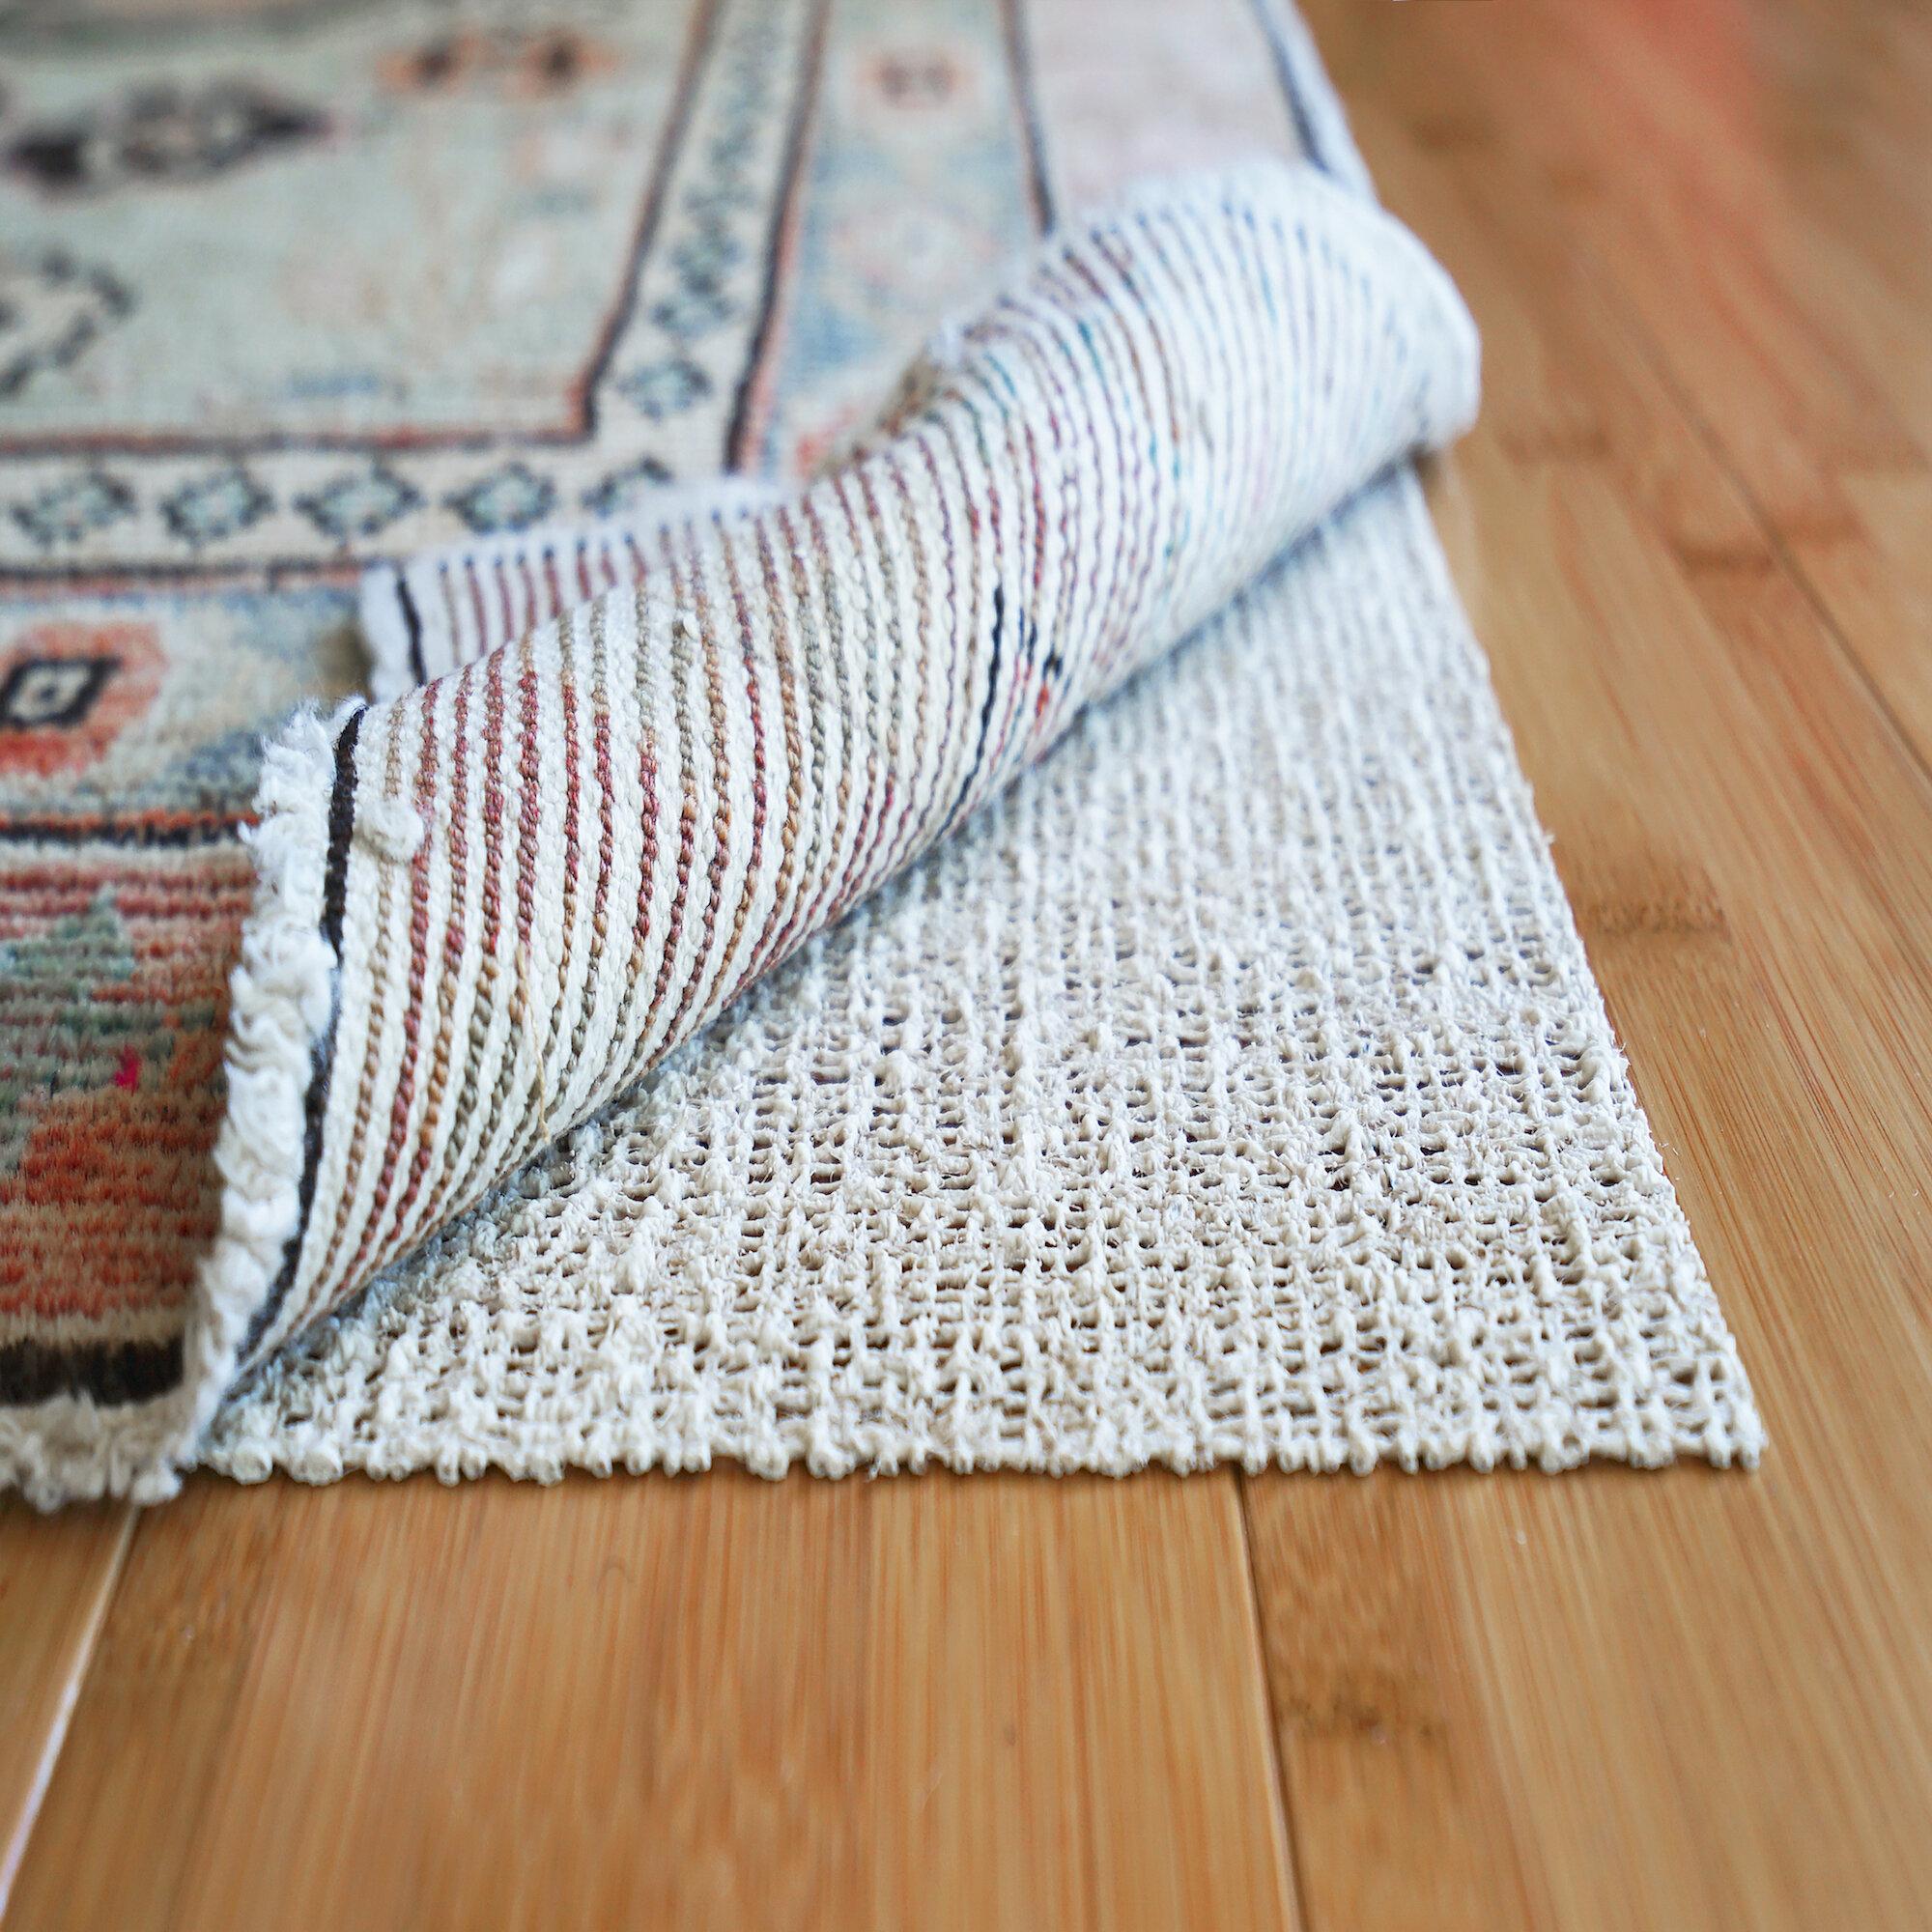 Anchor Grip Rug Pad For Vinyl Flooring Area Rug Ideas